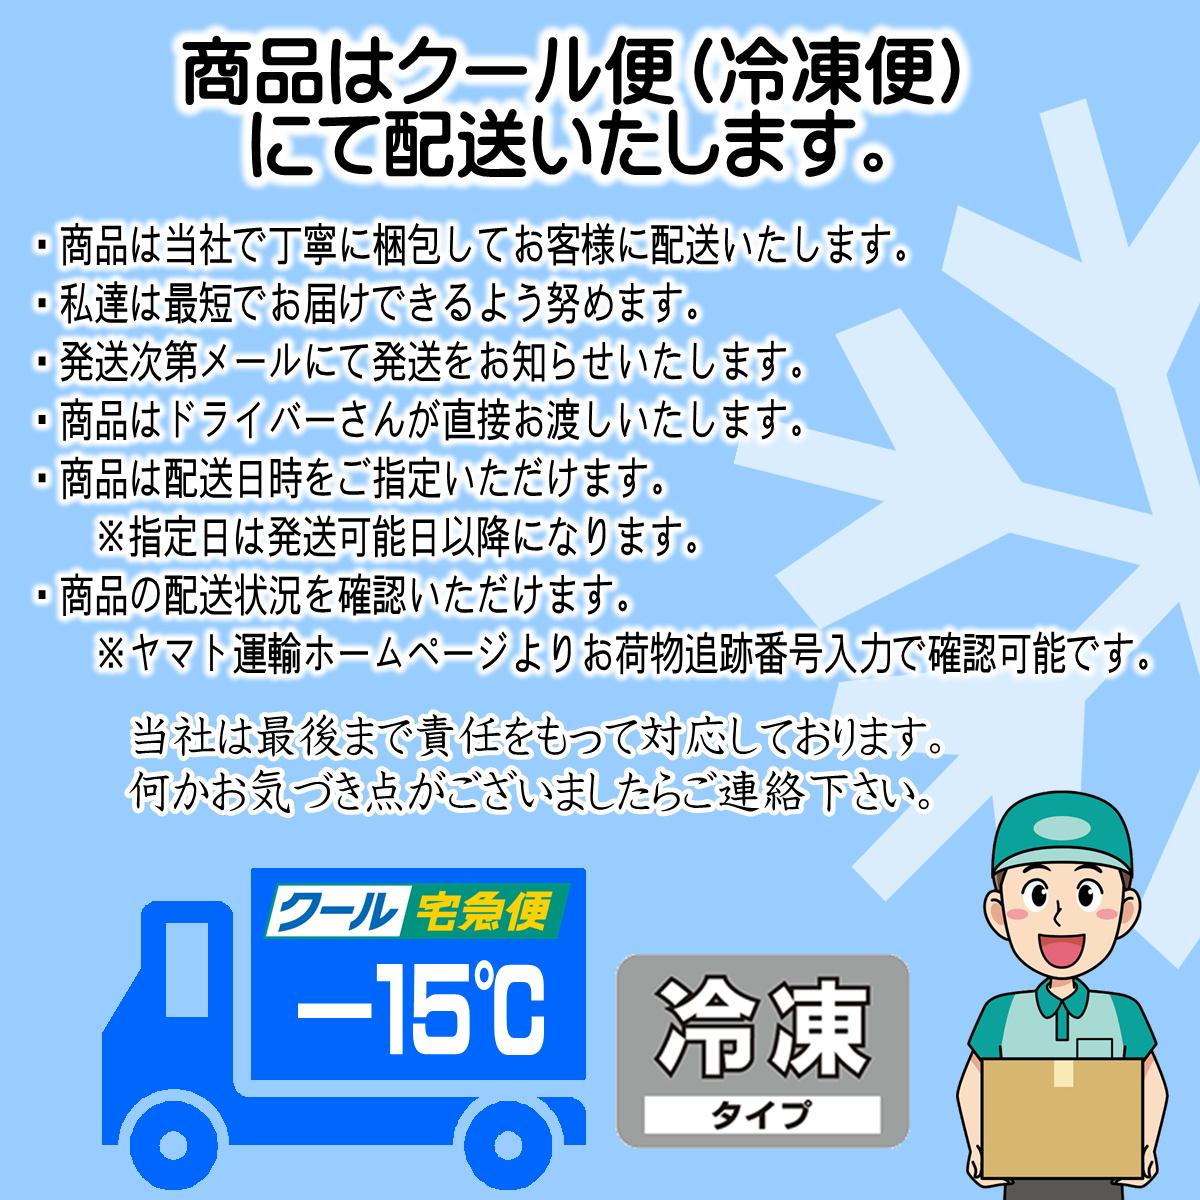 あんこう (冷凍) 約5kg〜7kg【小田原水揚げ・安値時に競り落としたものを即日冷凍】お鍋・煮付・唐揚げなどにご利用いただけます。※ご希望があれば生のままの出荷も可能です。